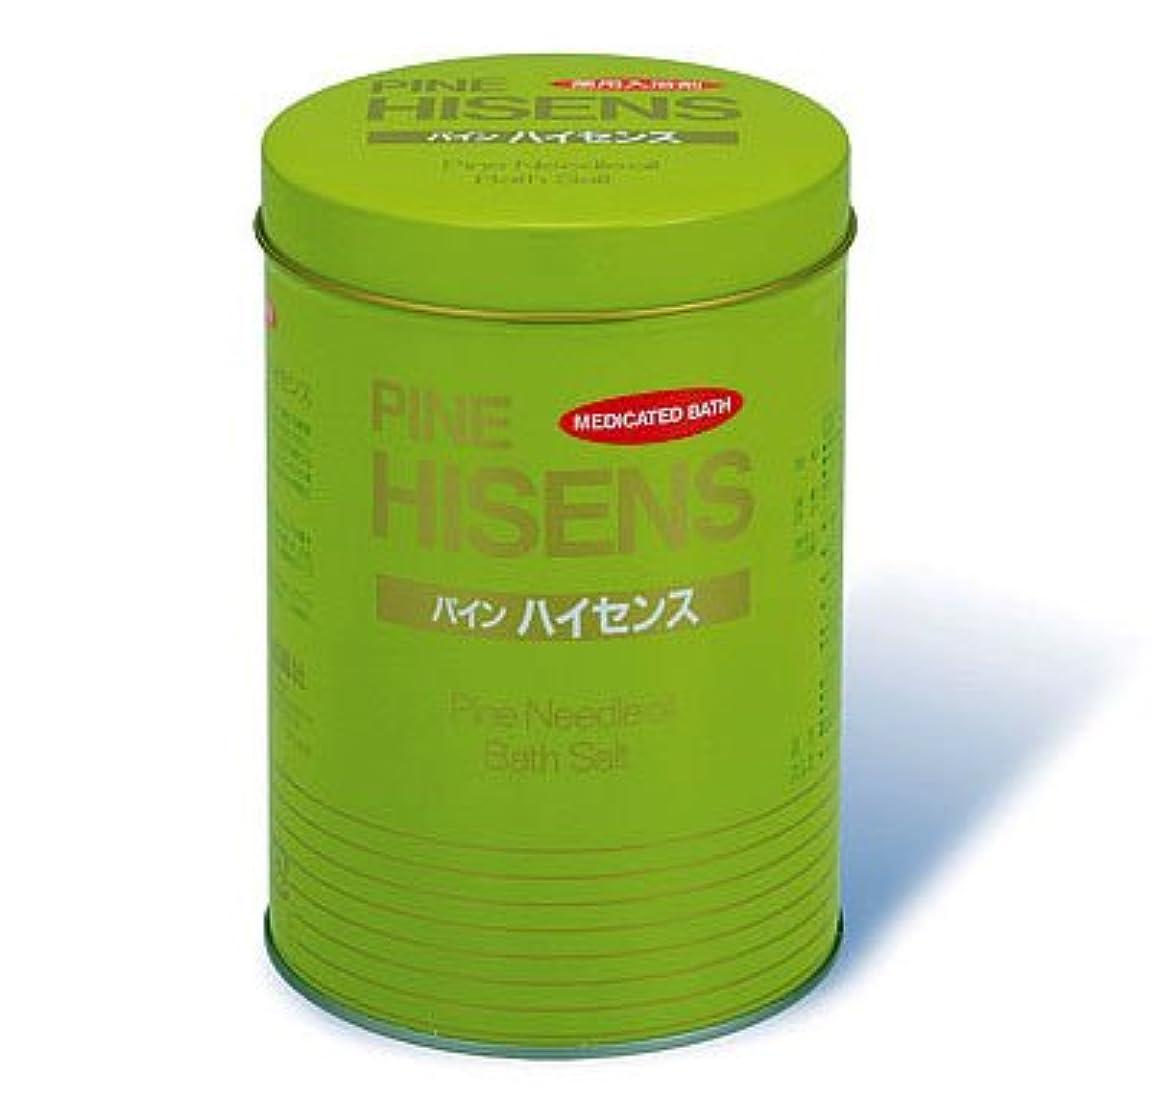 トンネル例外謙虚な高陽社 薬用入浴剤 パインハイセンス 2.1kg 1缶